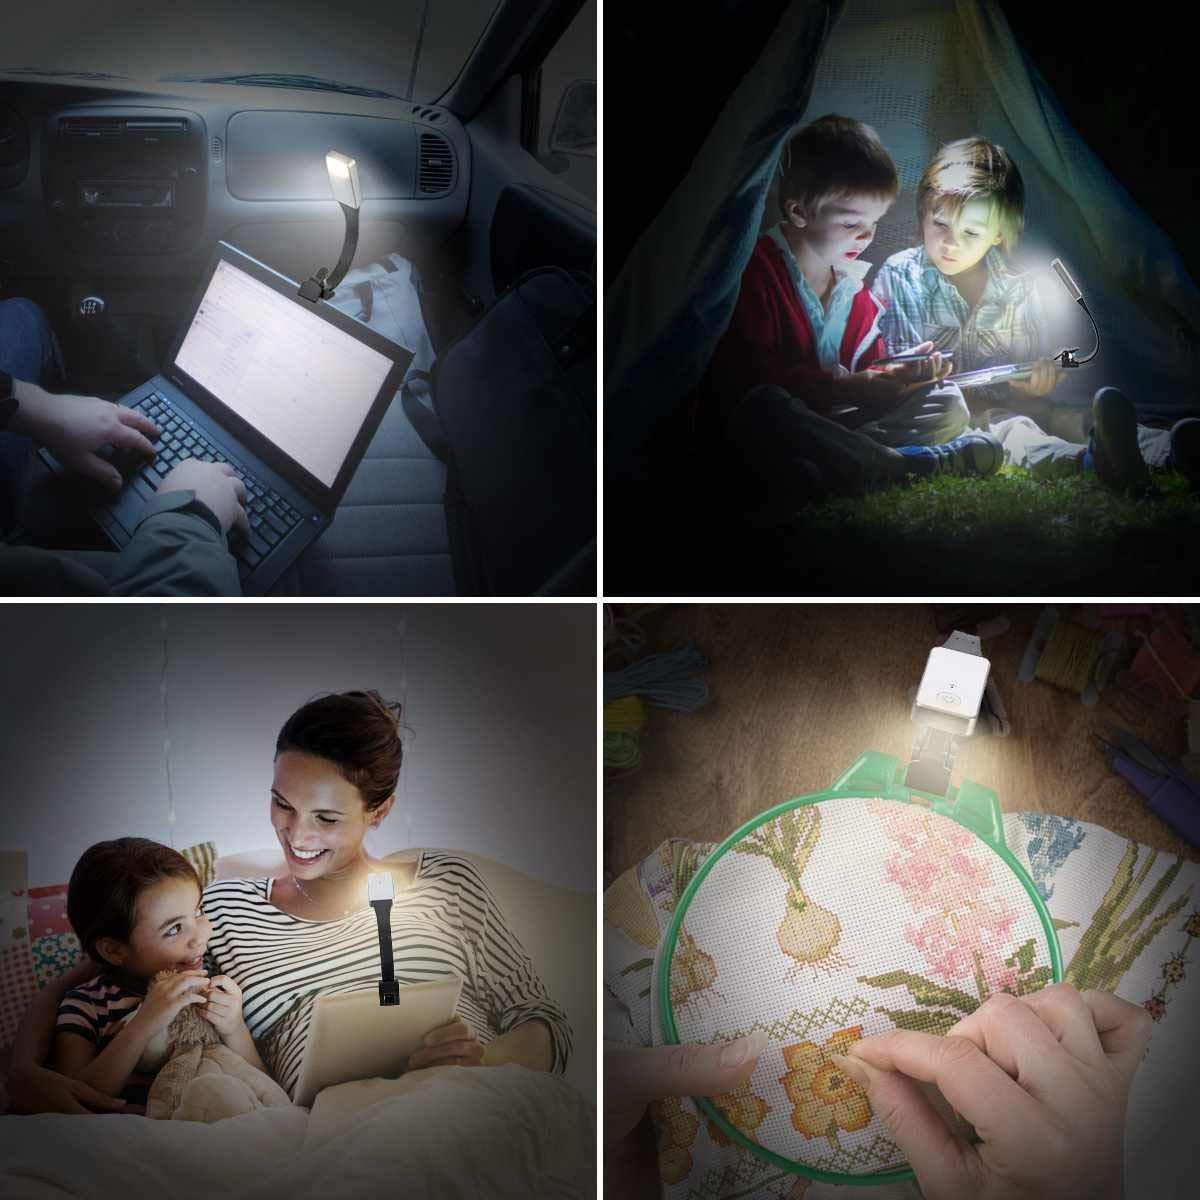 TOOGOO E-Book Recargable Luz LED para Papel Nueva L/áMpara de Lectura USB Clip de L/áMpara de Luz de Libro para el Dormitorio de Viaje Lector 3Model